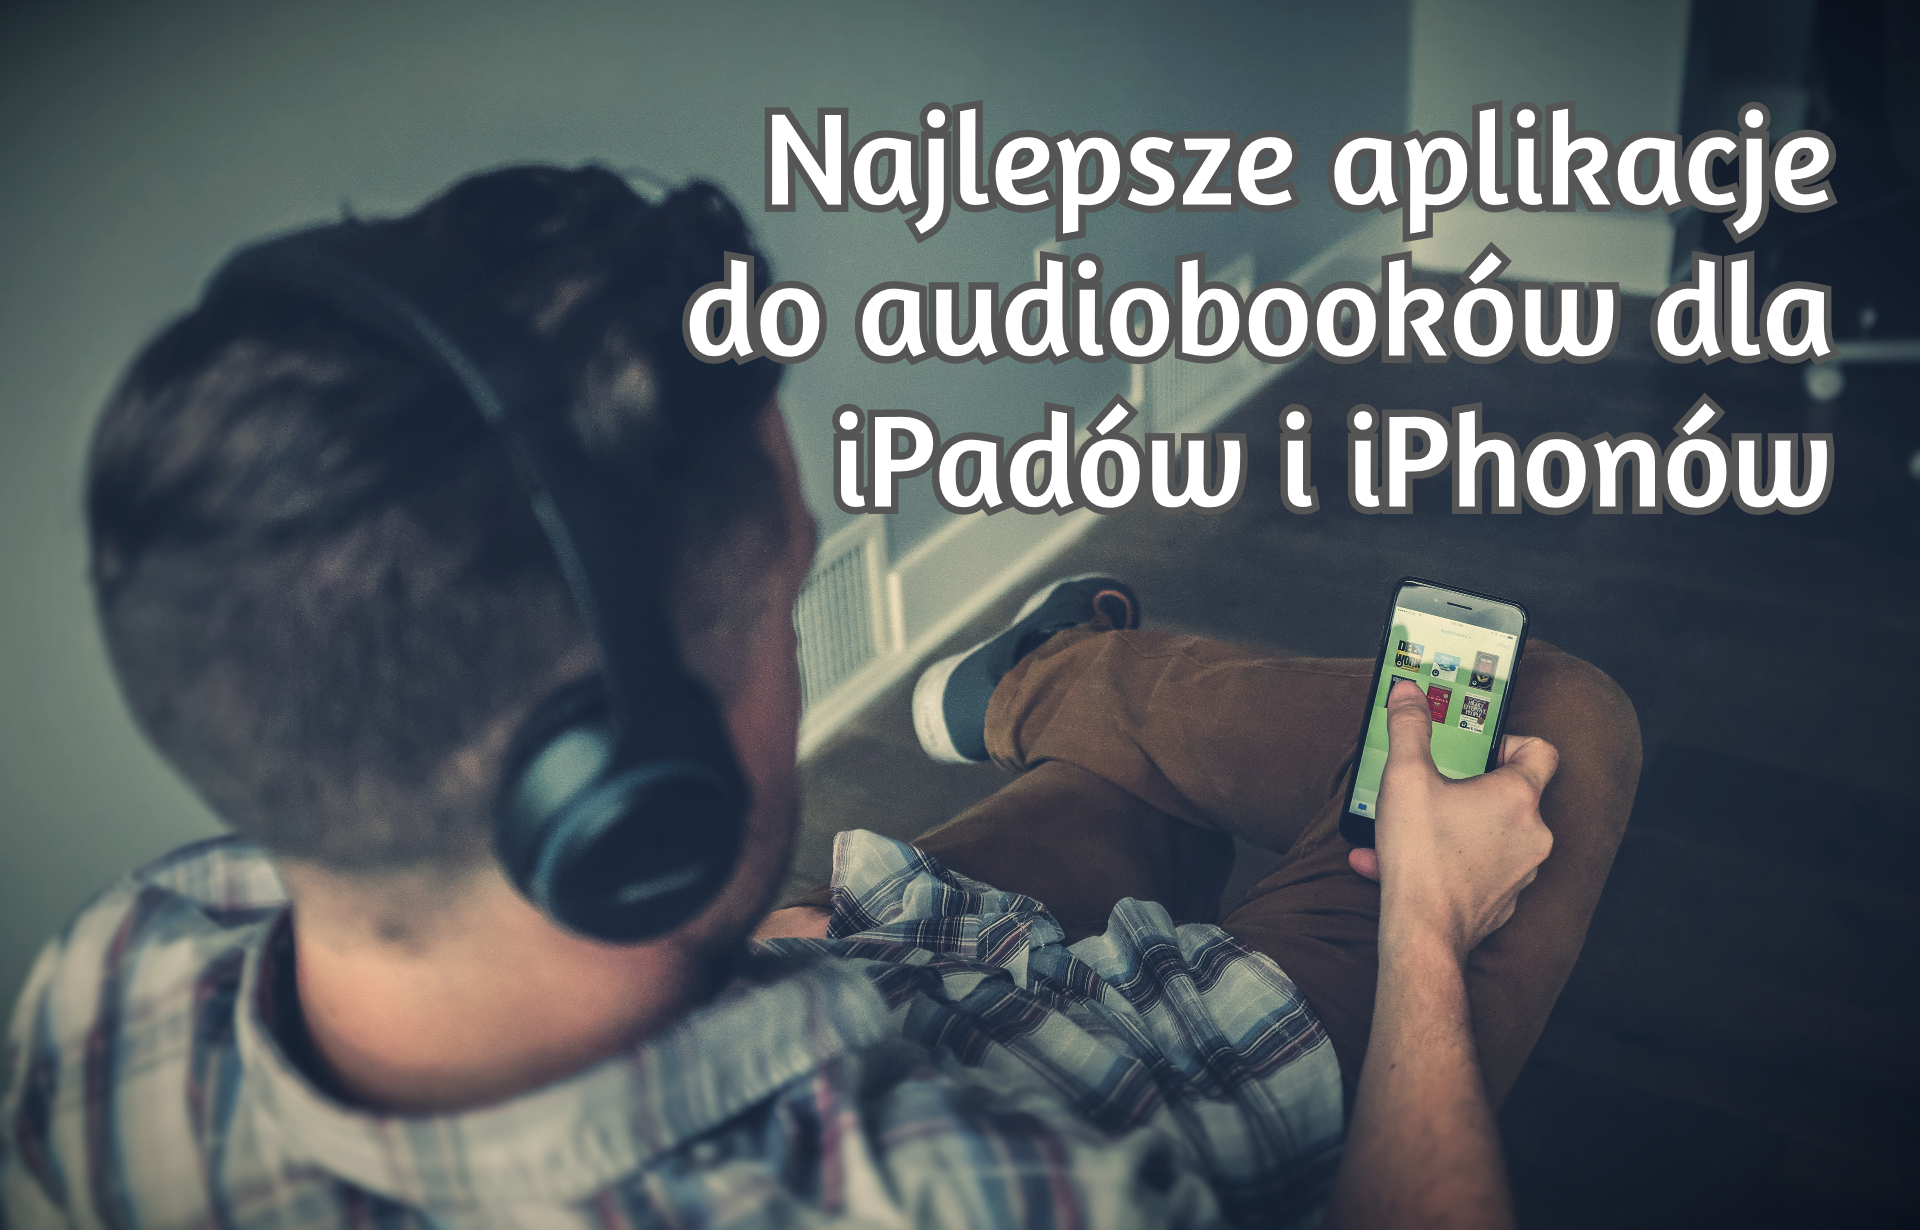 Najlepsze aplikacje do audiobooków dla iPadów i iPhonów - www.naczytniku.pl